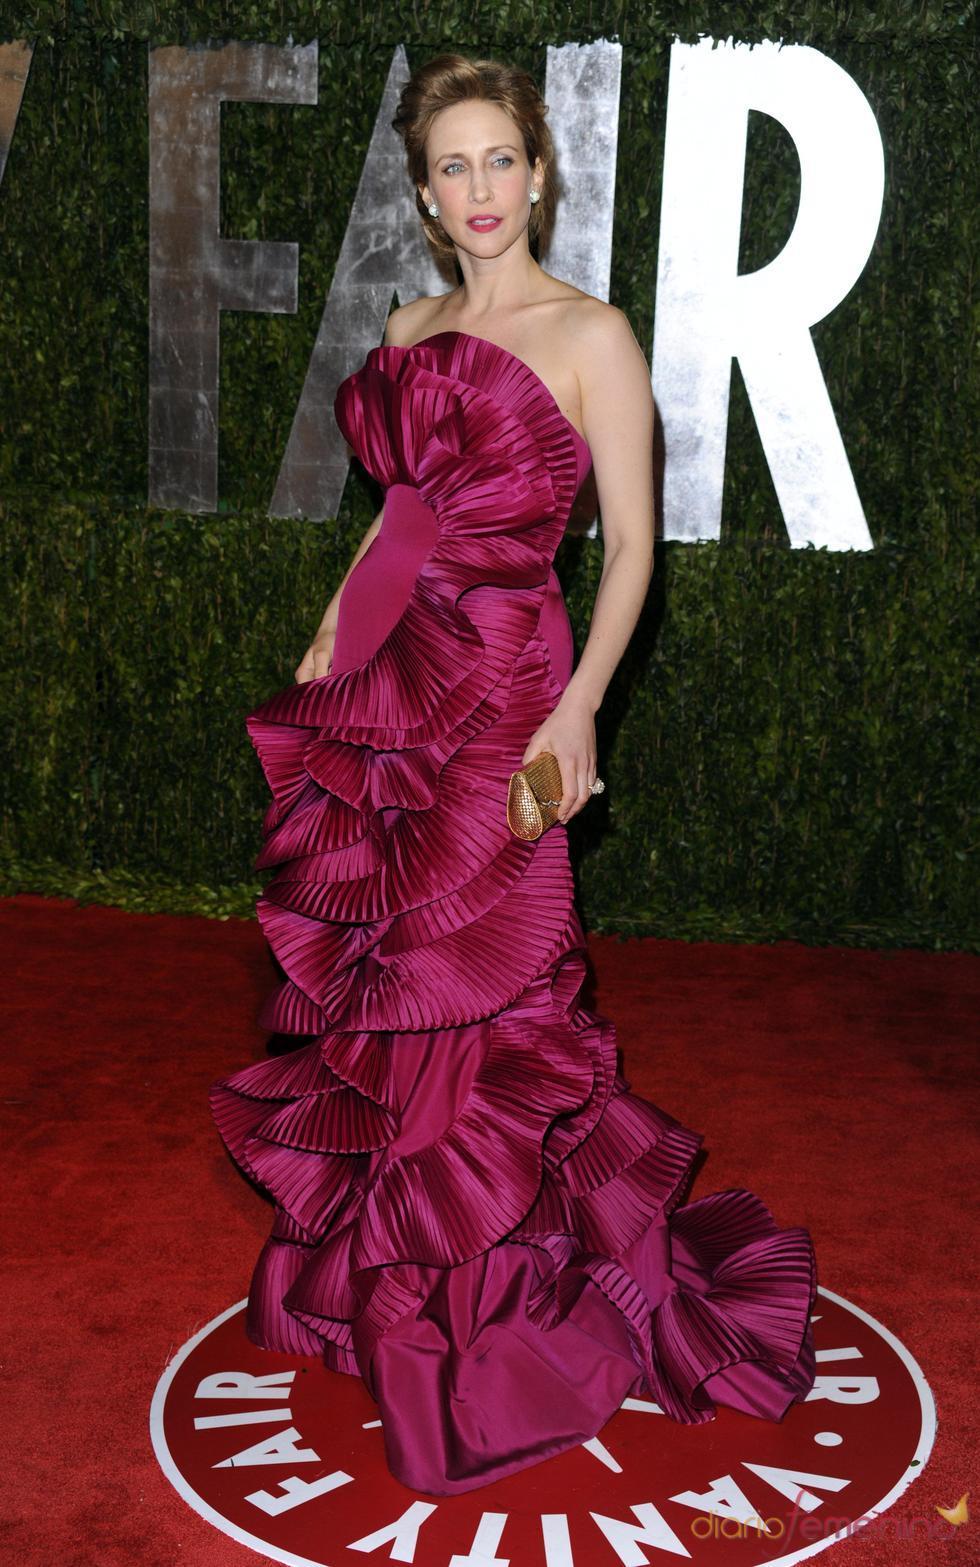 Vera Farmiga en la fiesta Vanity Fair Oscar 2010